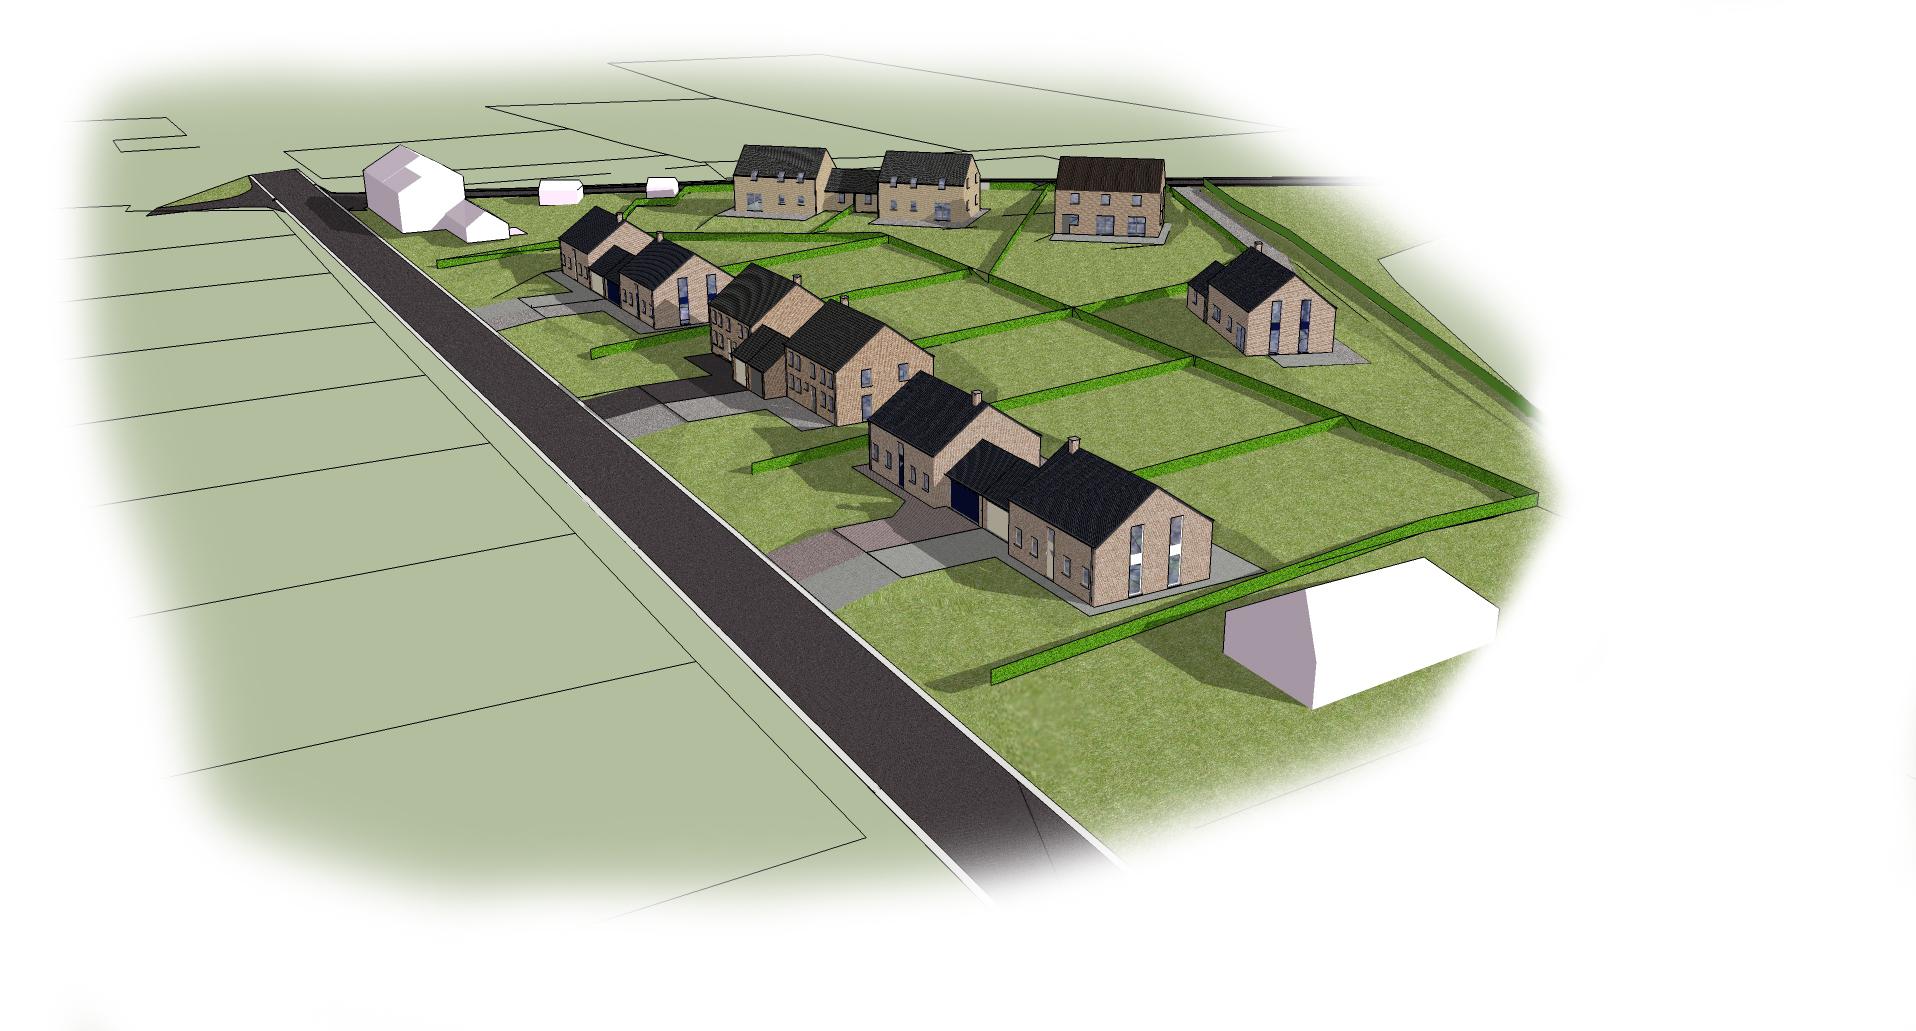 Modélisation 3D d'un projet d'urbanisation à Theux